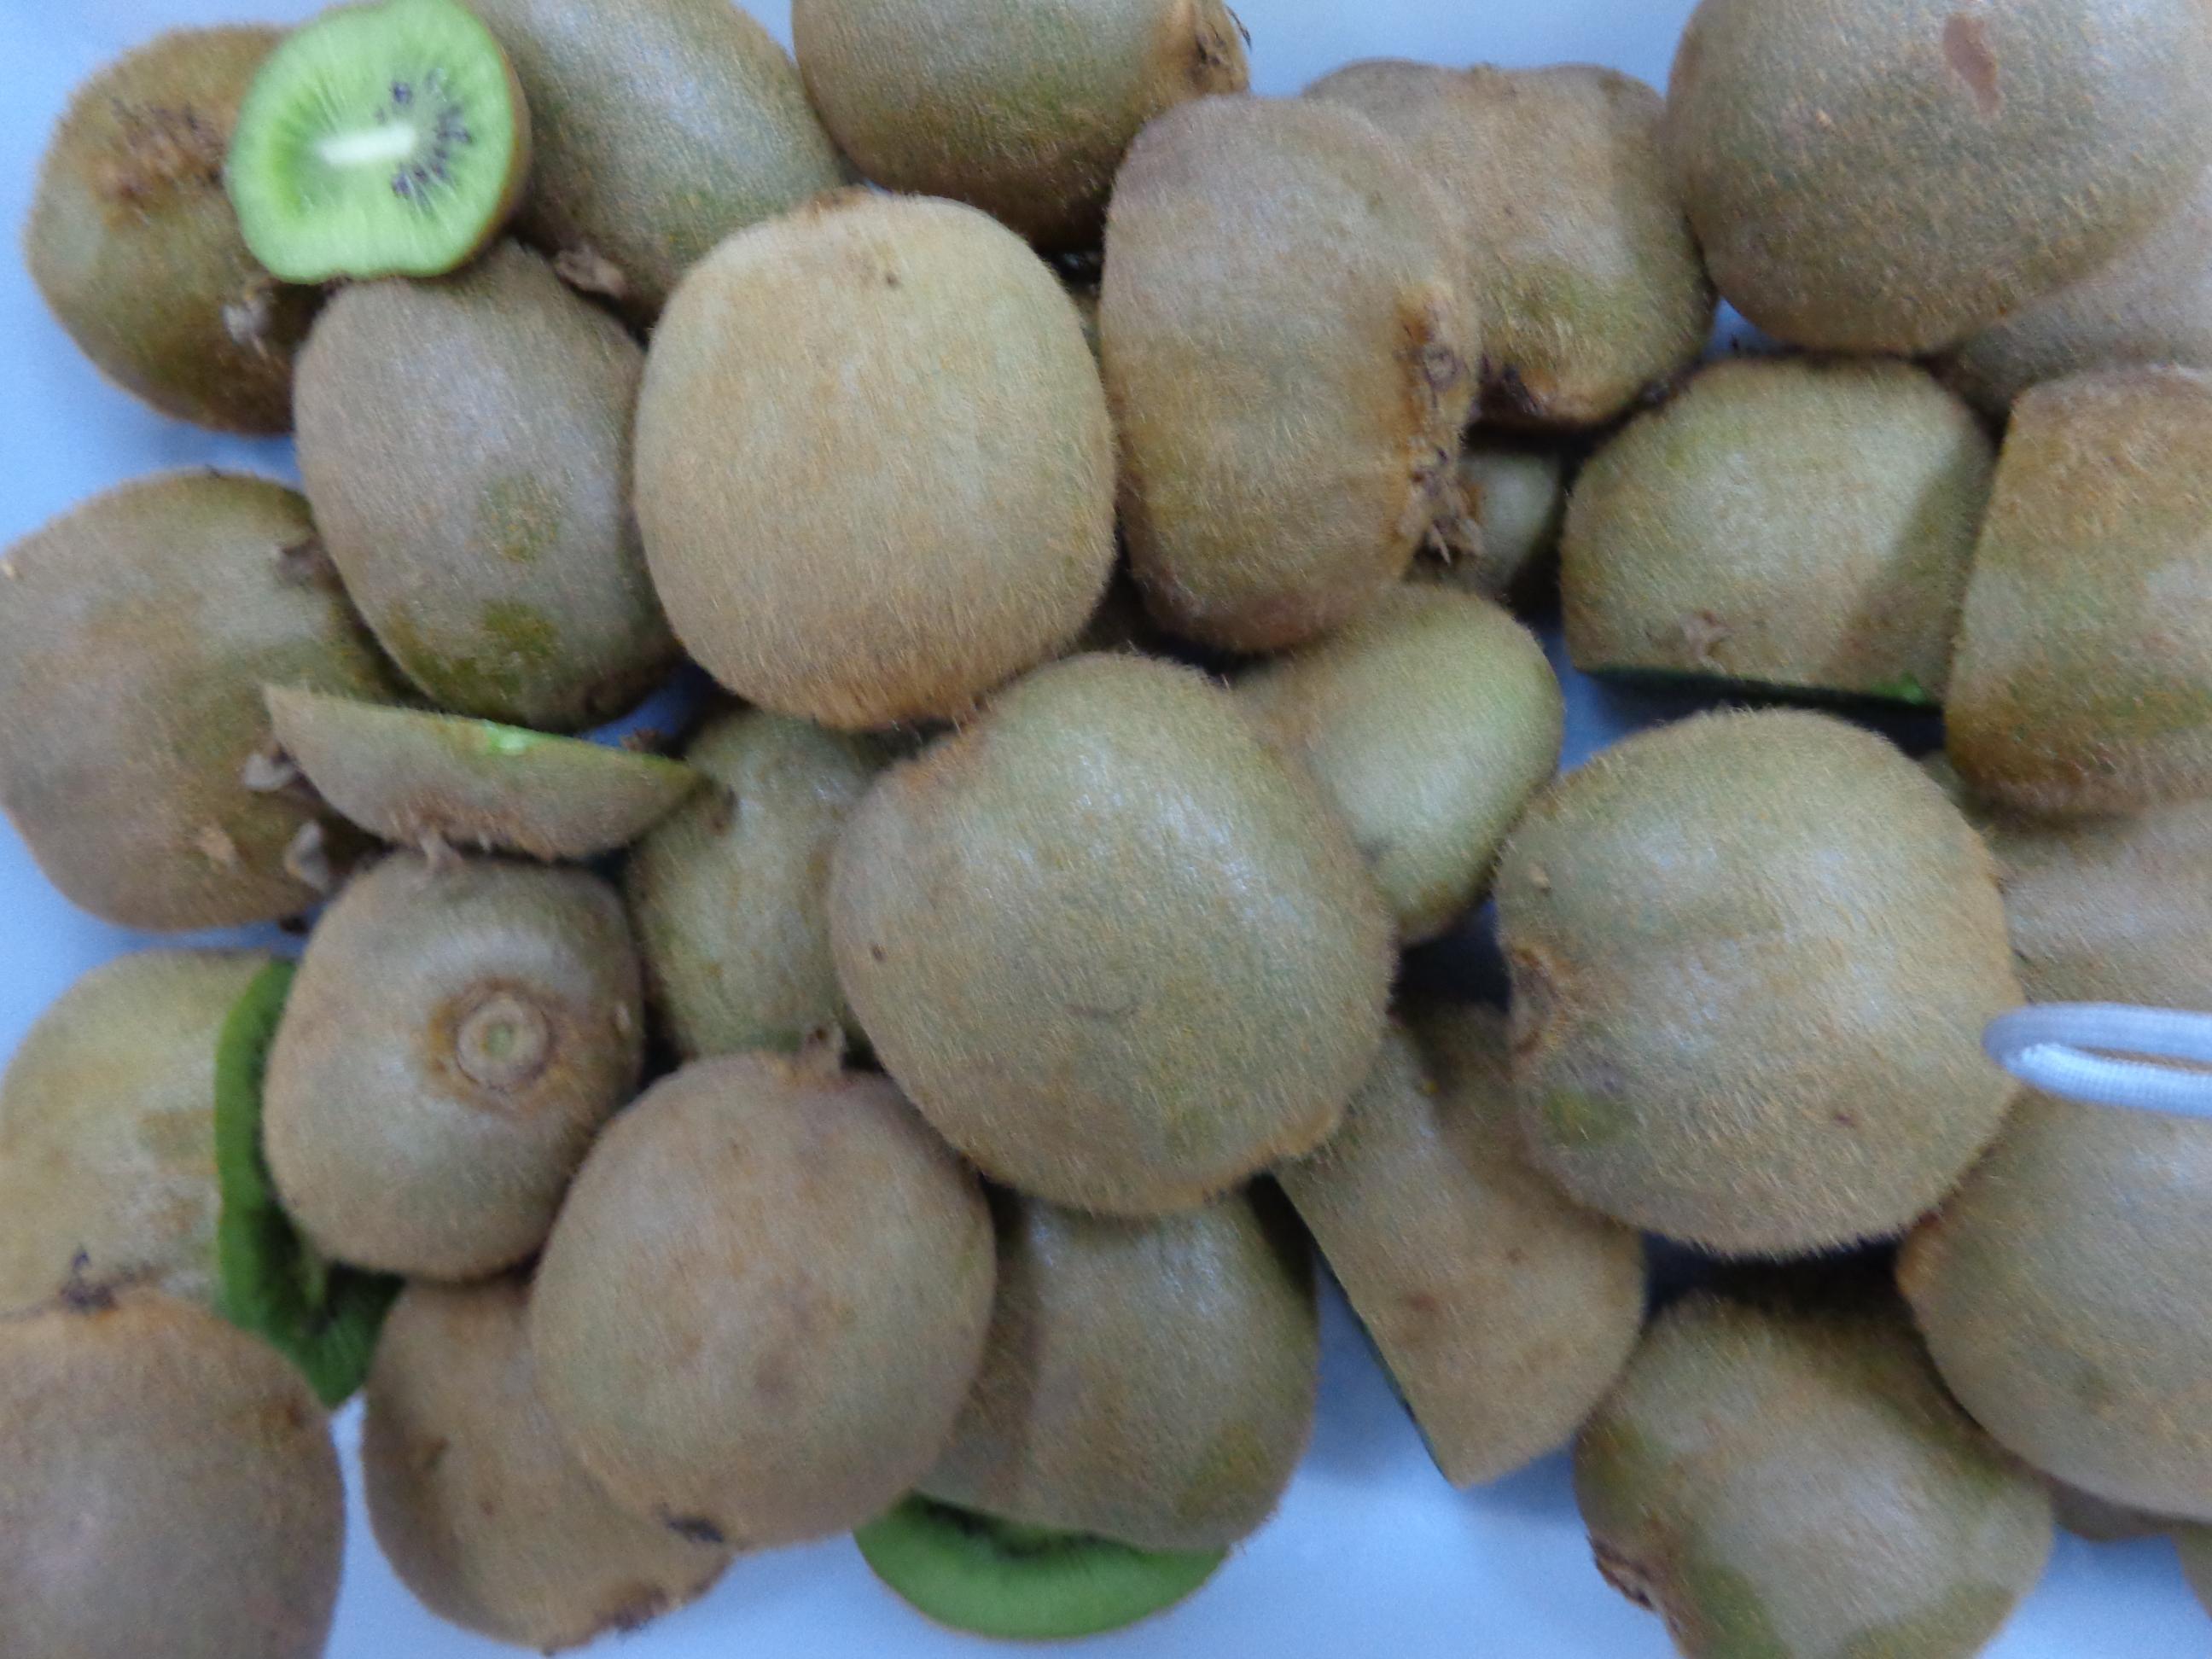 Kiwi importado do Chile com ácaro quarentenário